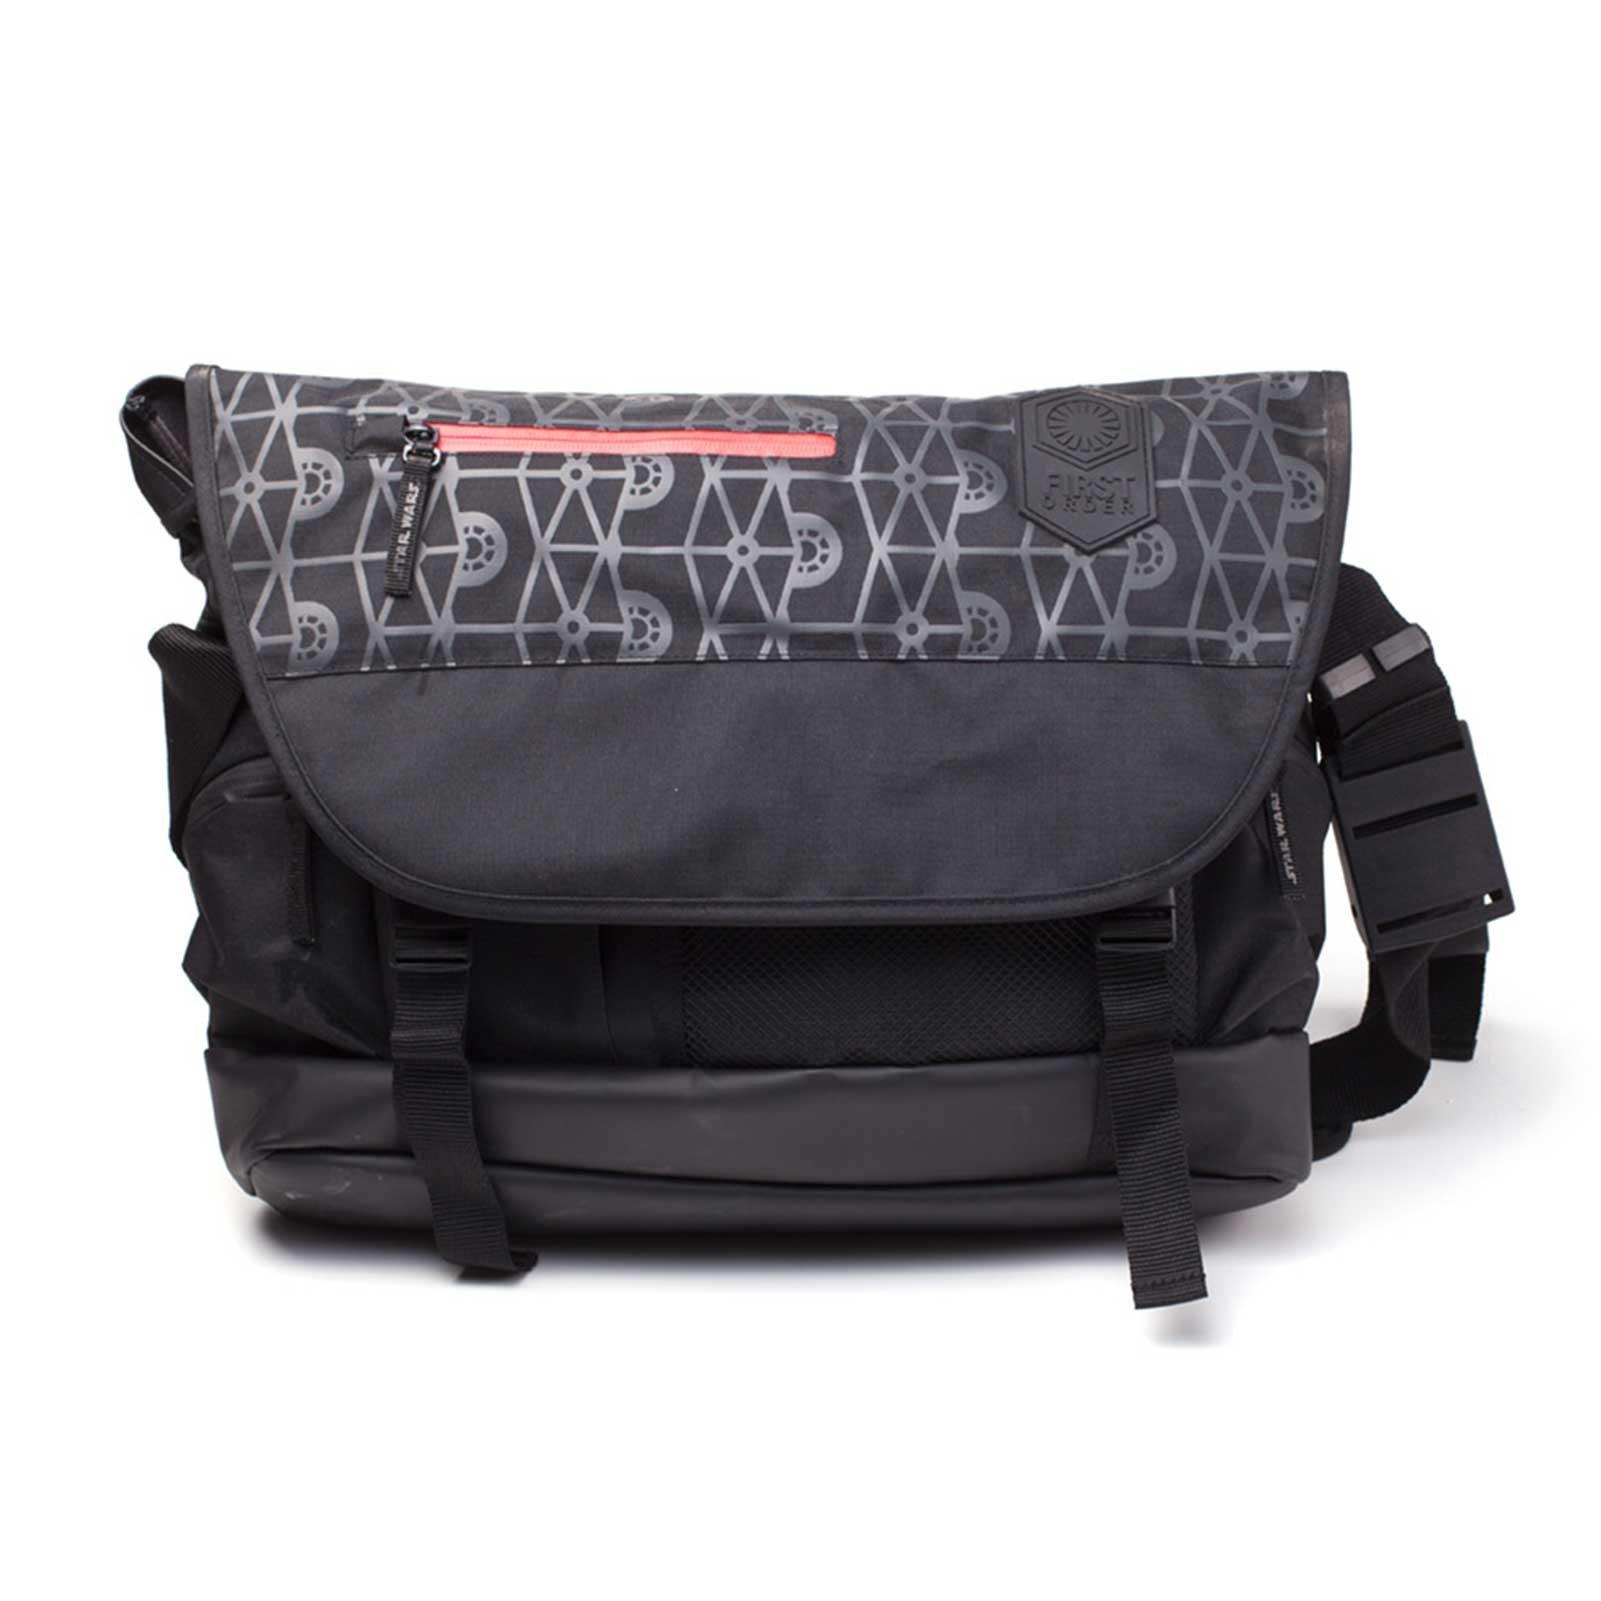 Star Wars Messenger Bag First Order Logo Inspired Official Black